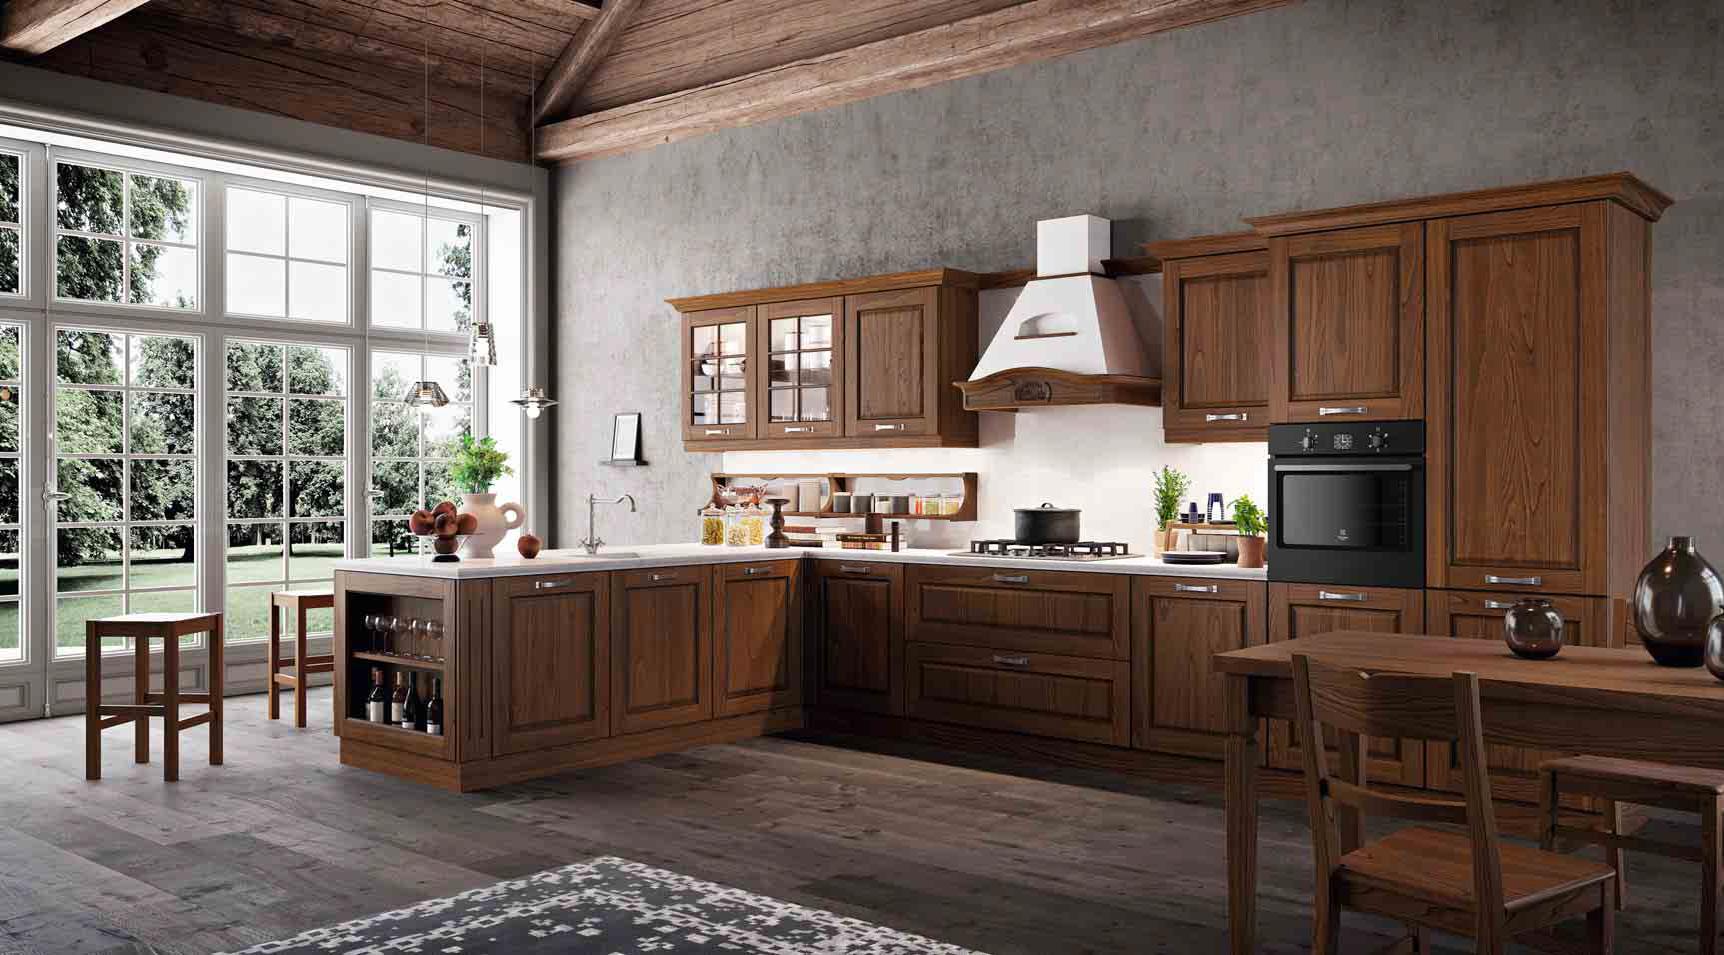 Cucine classiche arredamenti mario bianchi roma - Cucine classiche roma ...